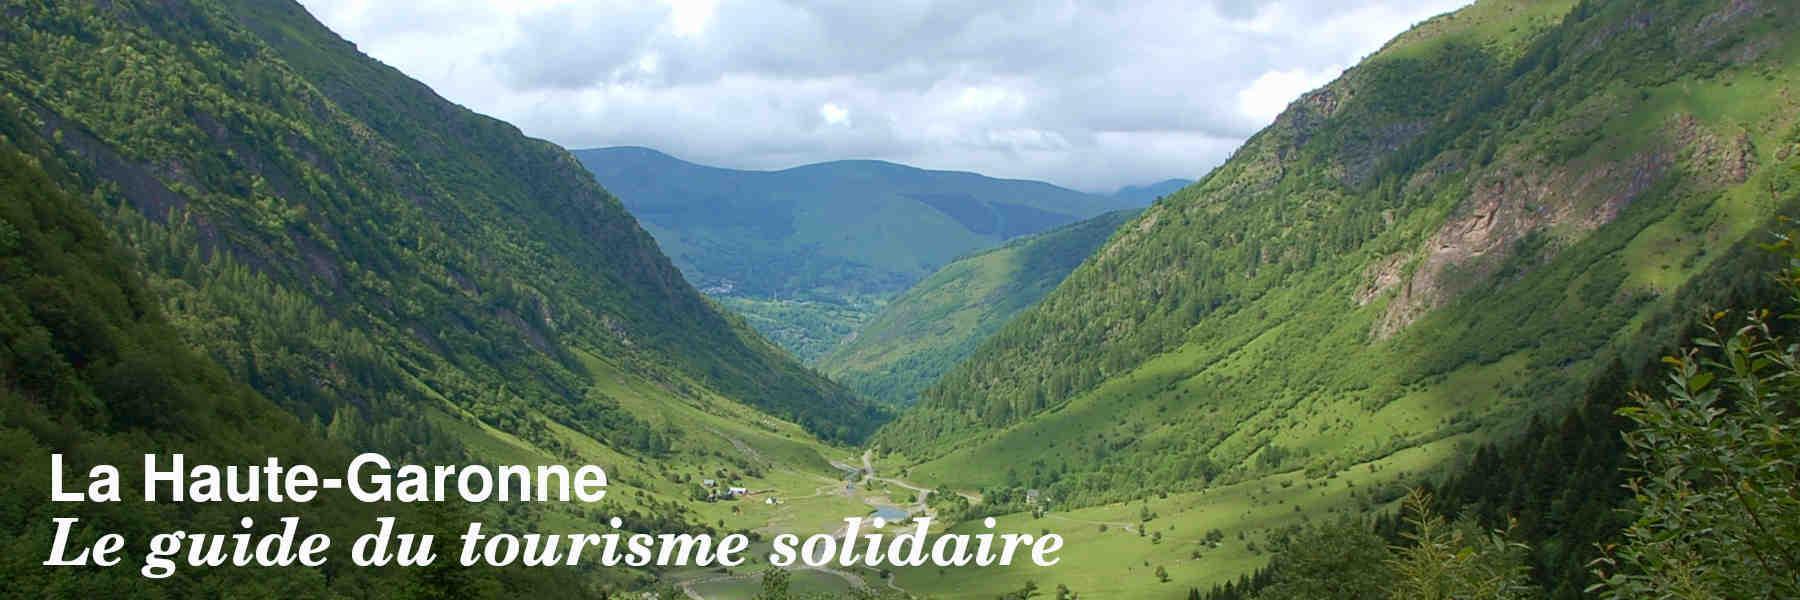 Le guide du tourisme solidaire en Haute-Garonne